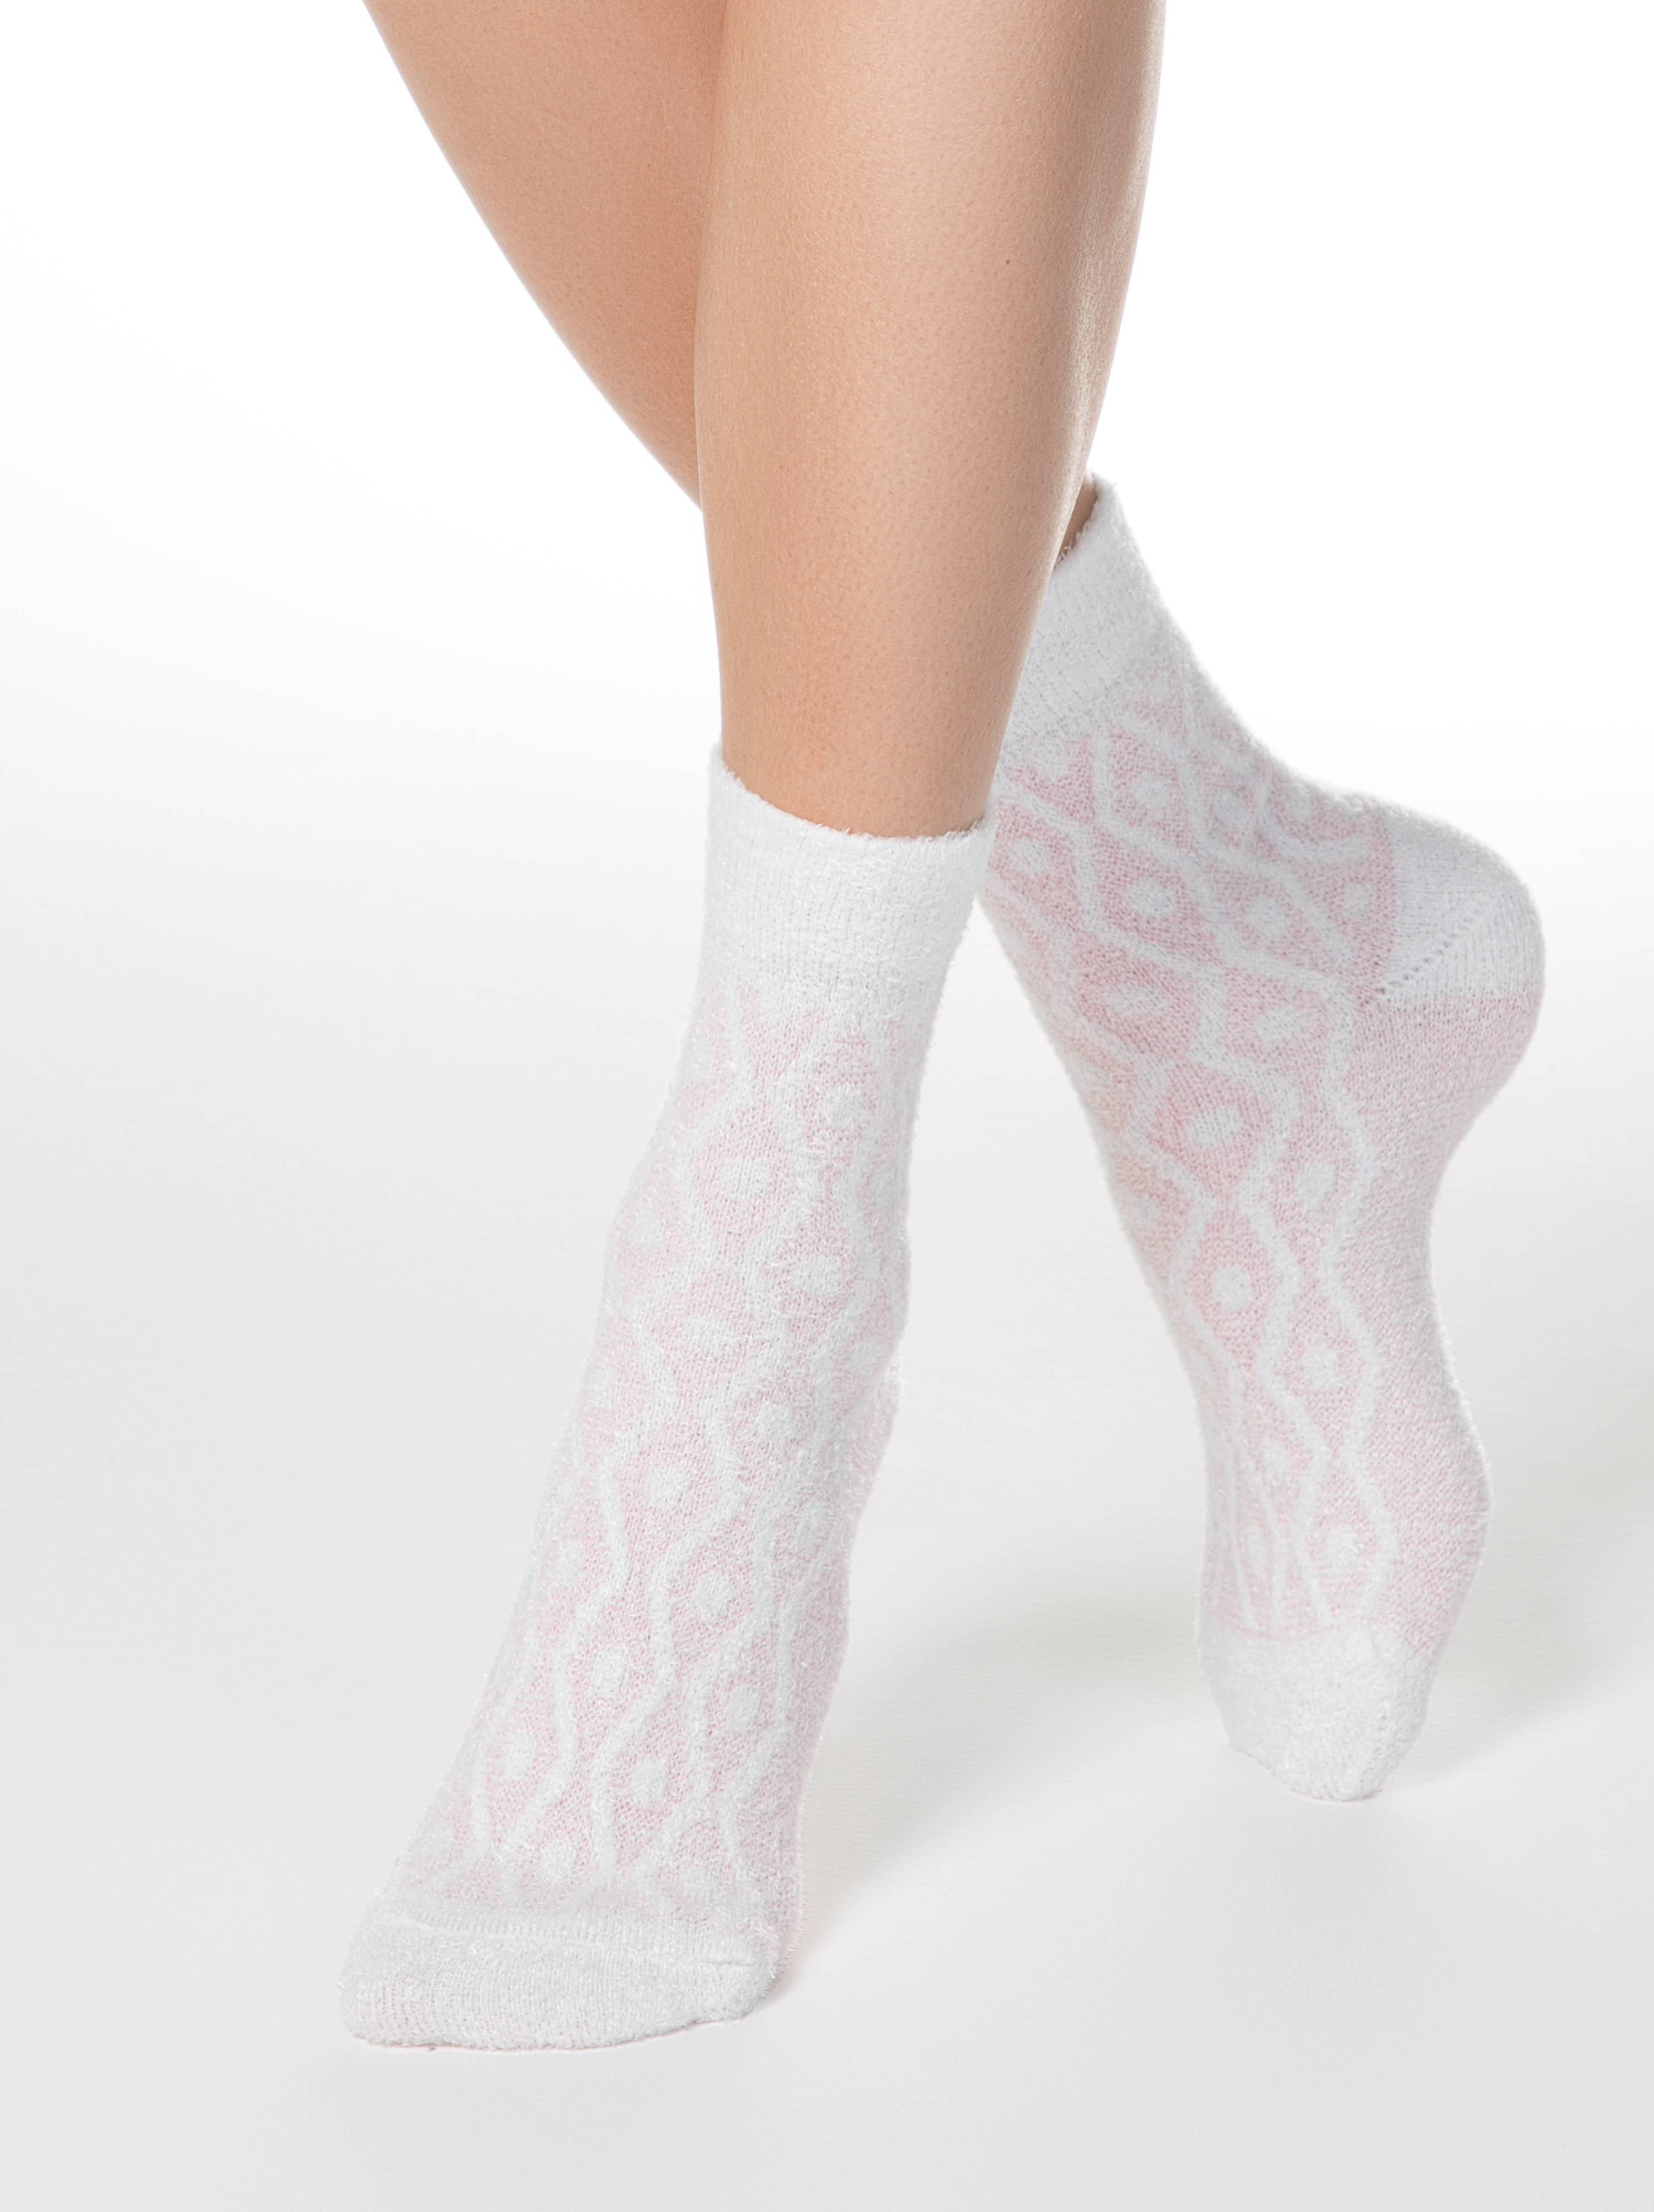 Теплые носки COMFORT с пушистым рельефным рисунком фото